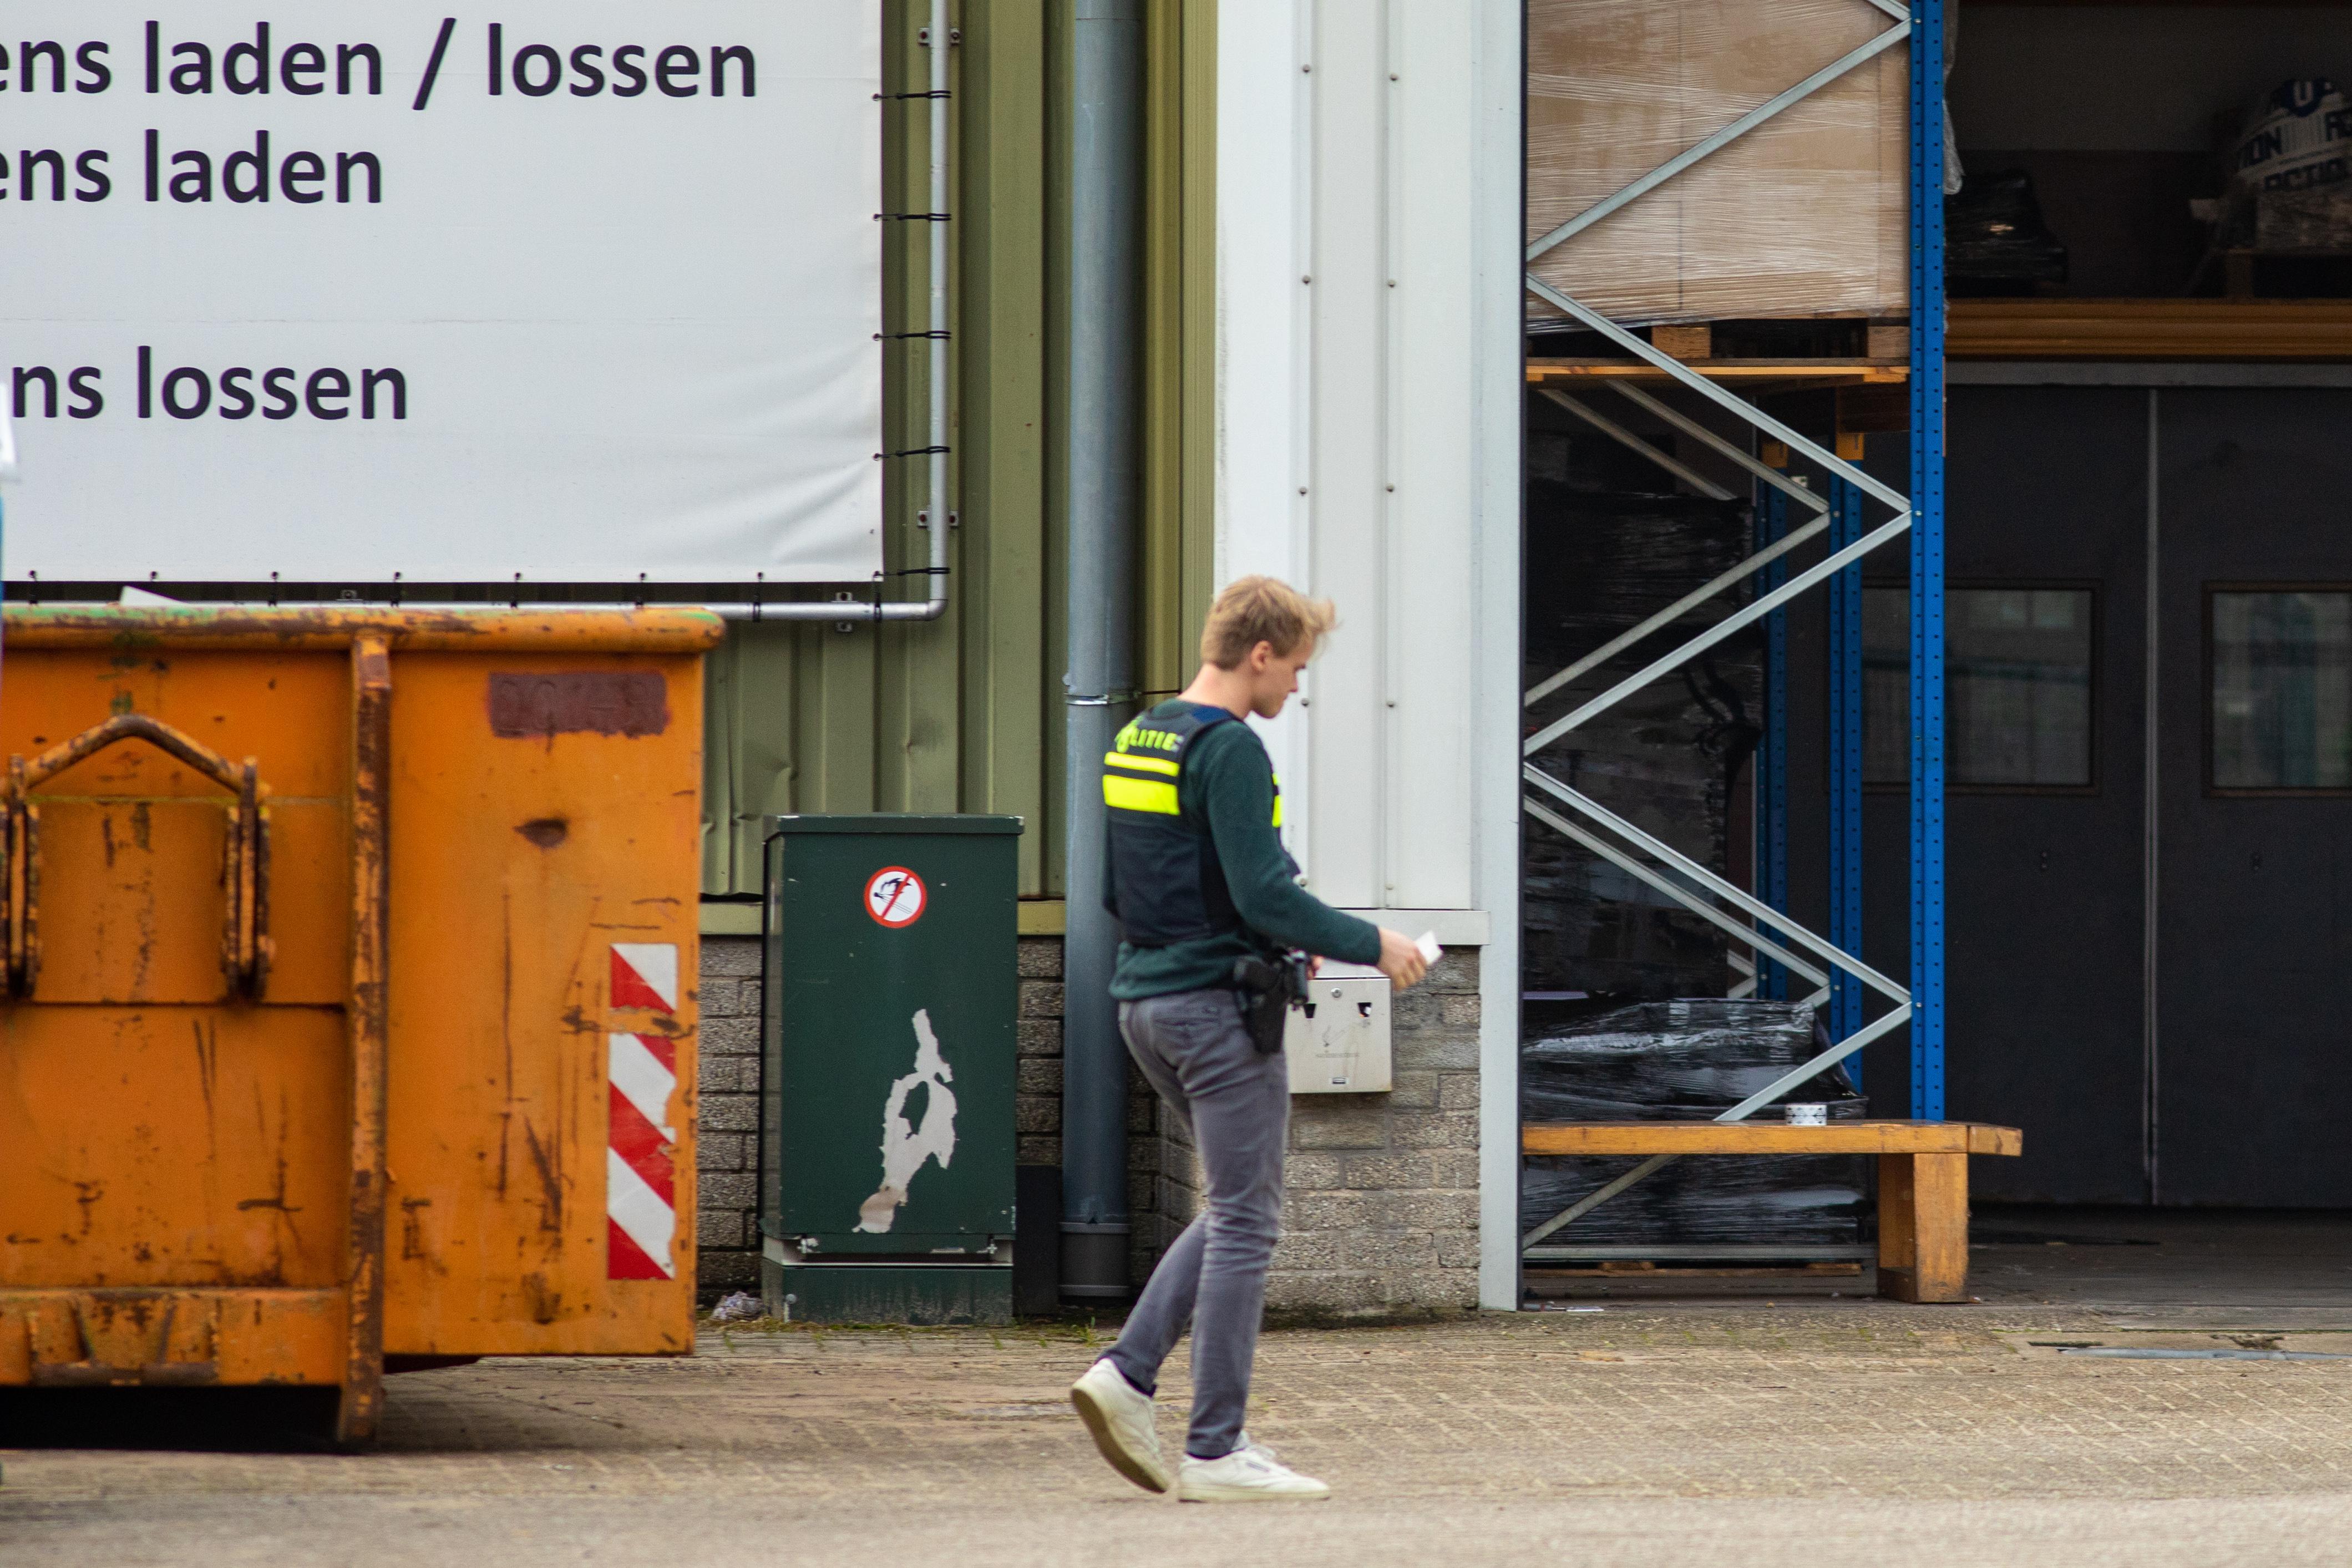 Loosdrechts bedrijfspand half jaar dicht na massale inval wegens criminele verdenking